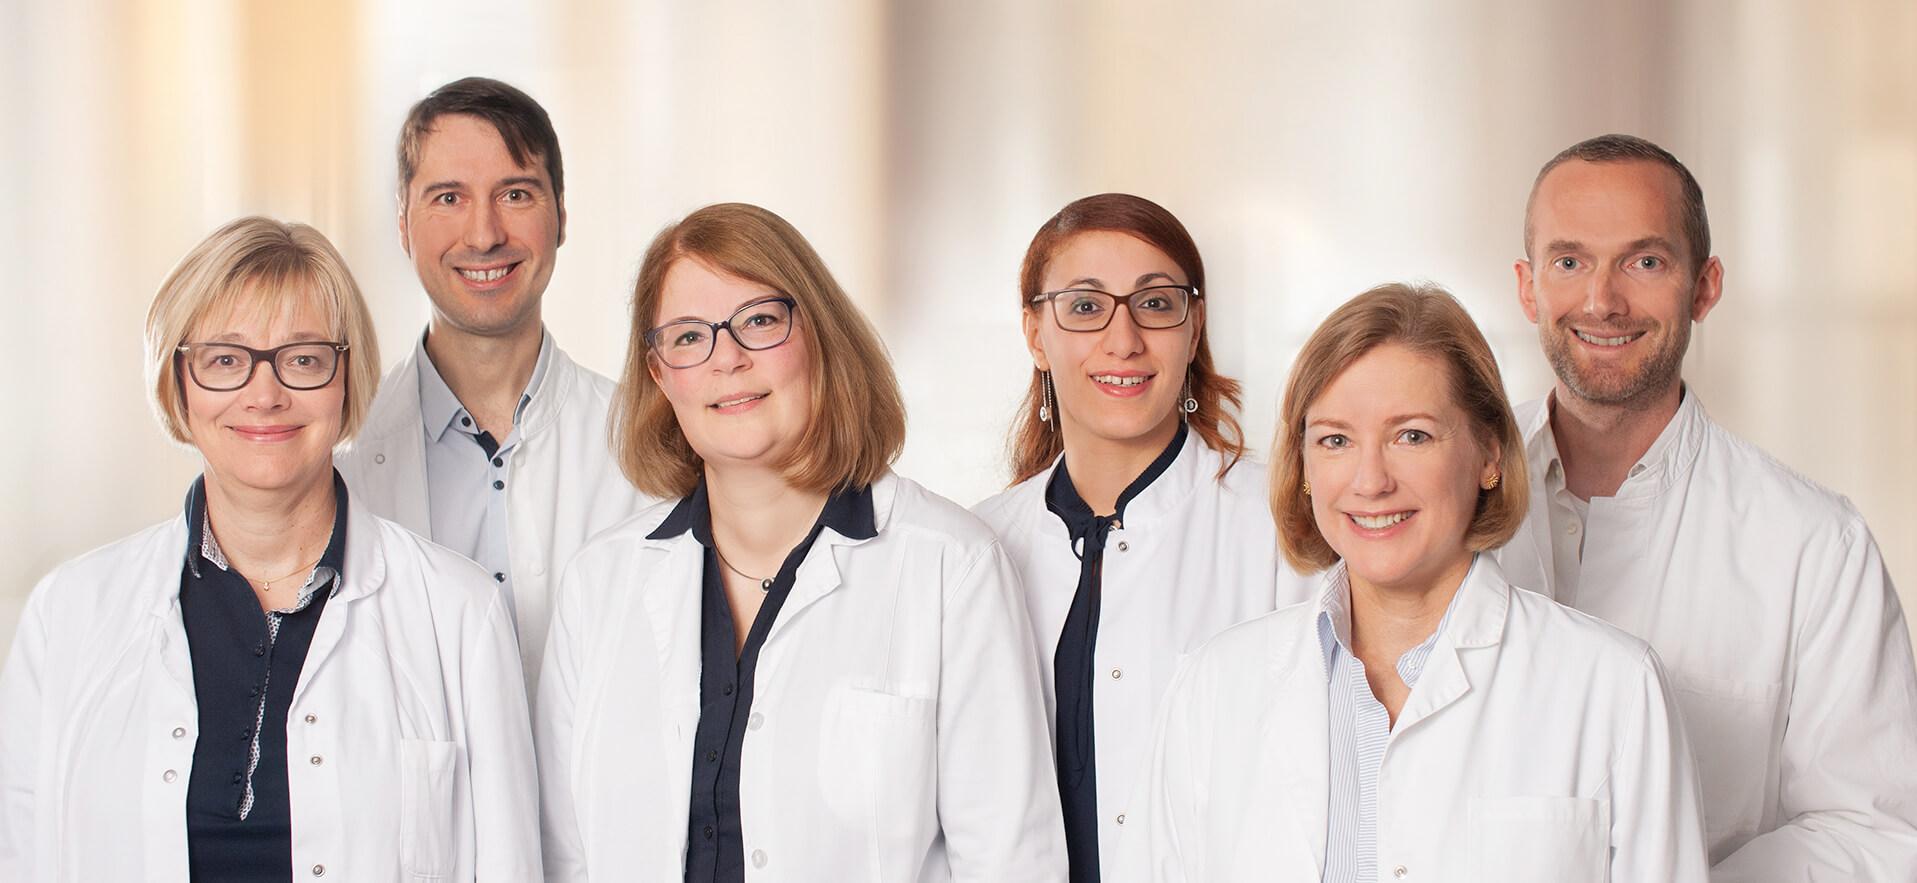 Essen Augenarzt Team